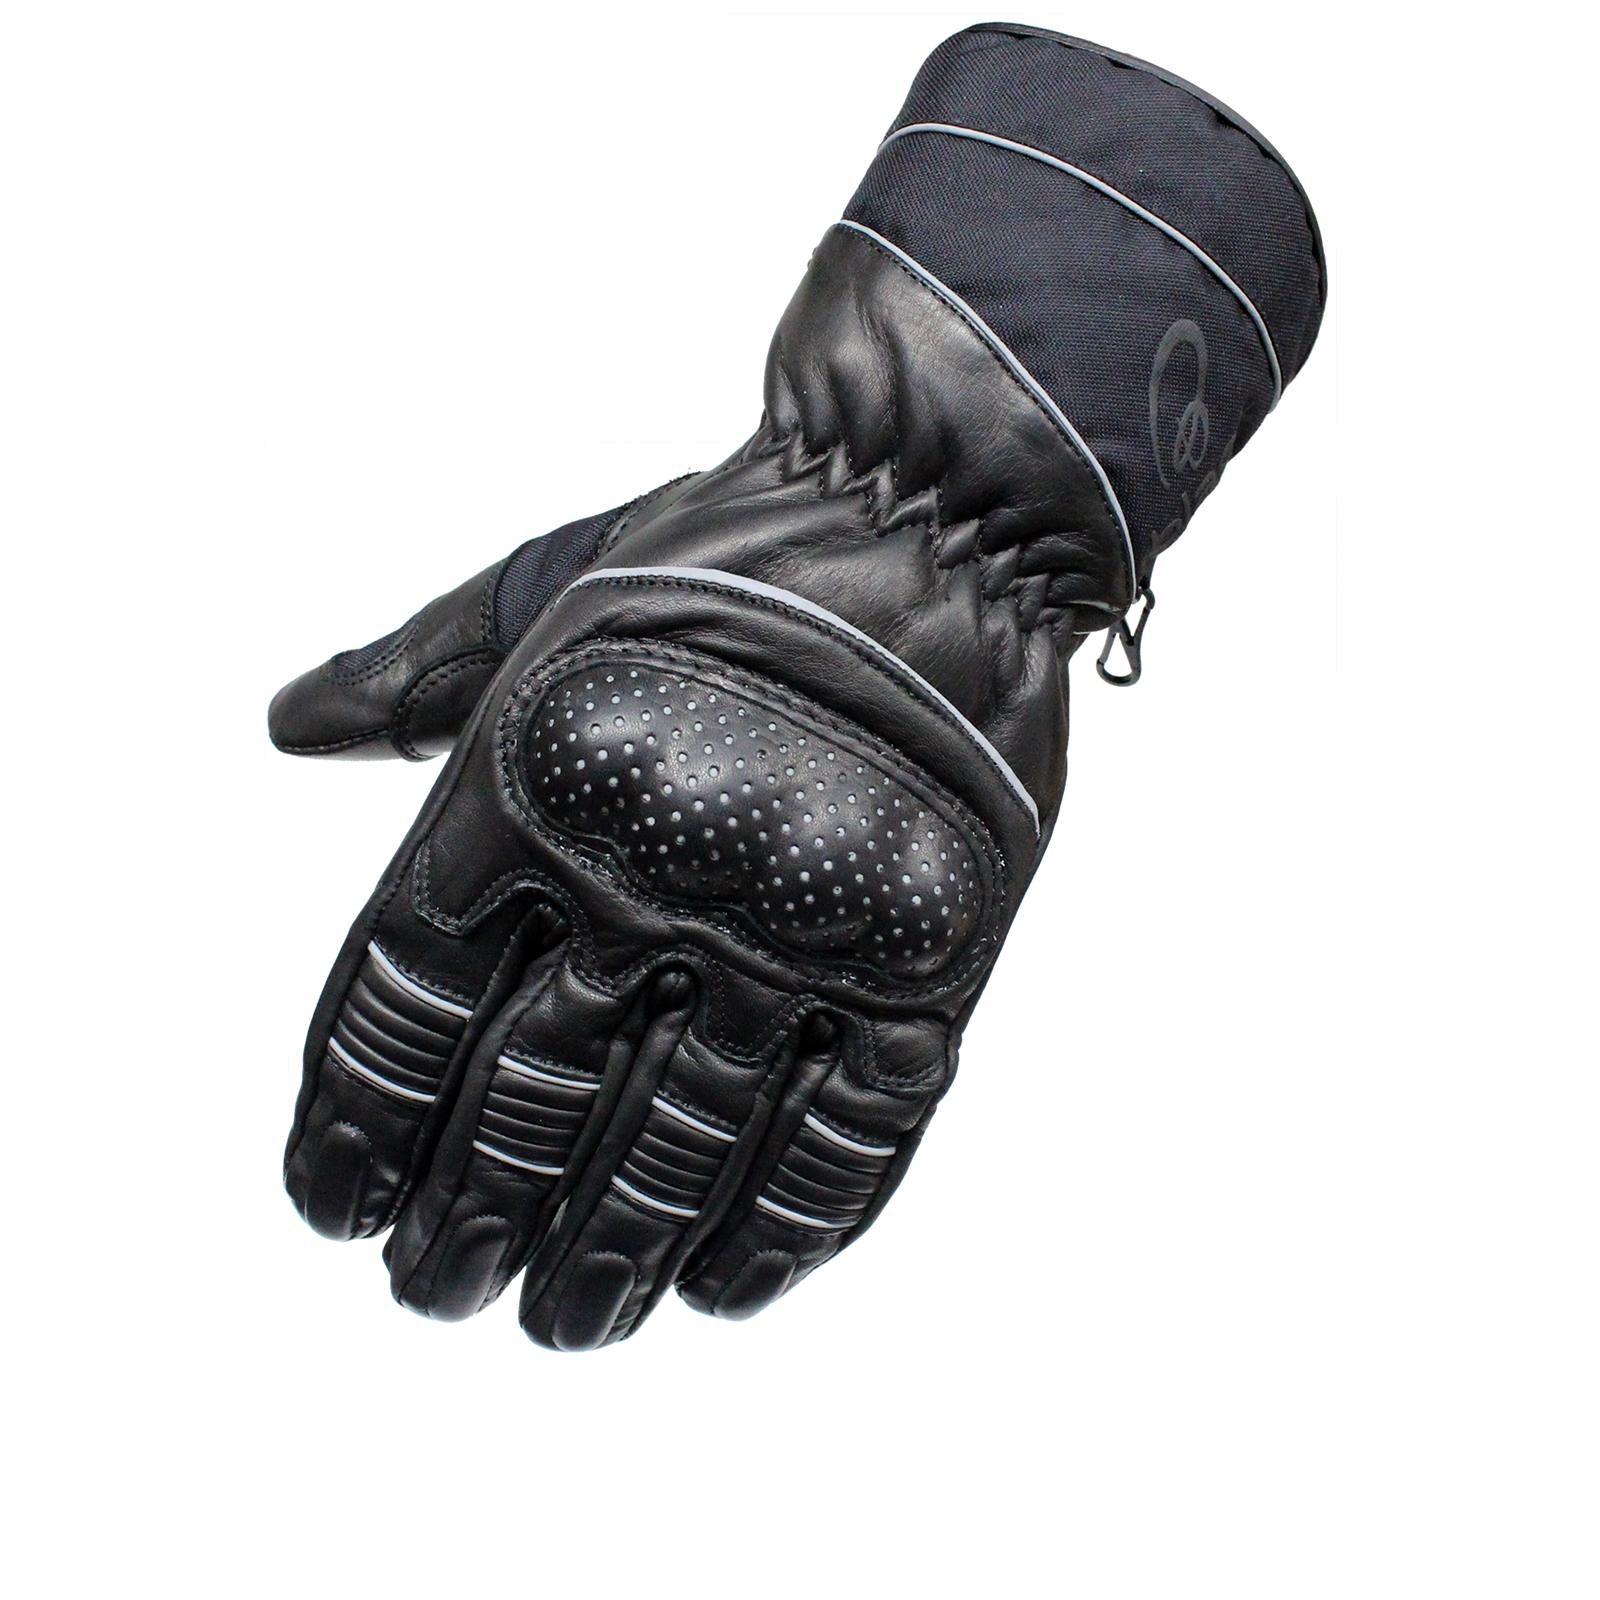 Black Vector Leather Motorcycle Motorbike Waterproof All